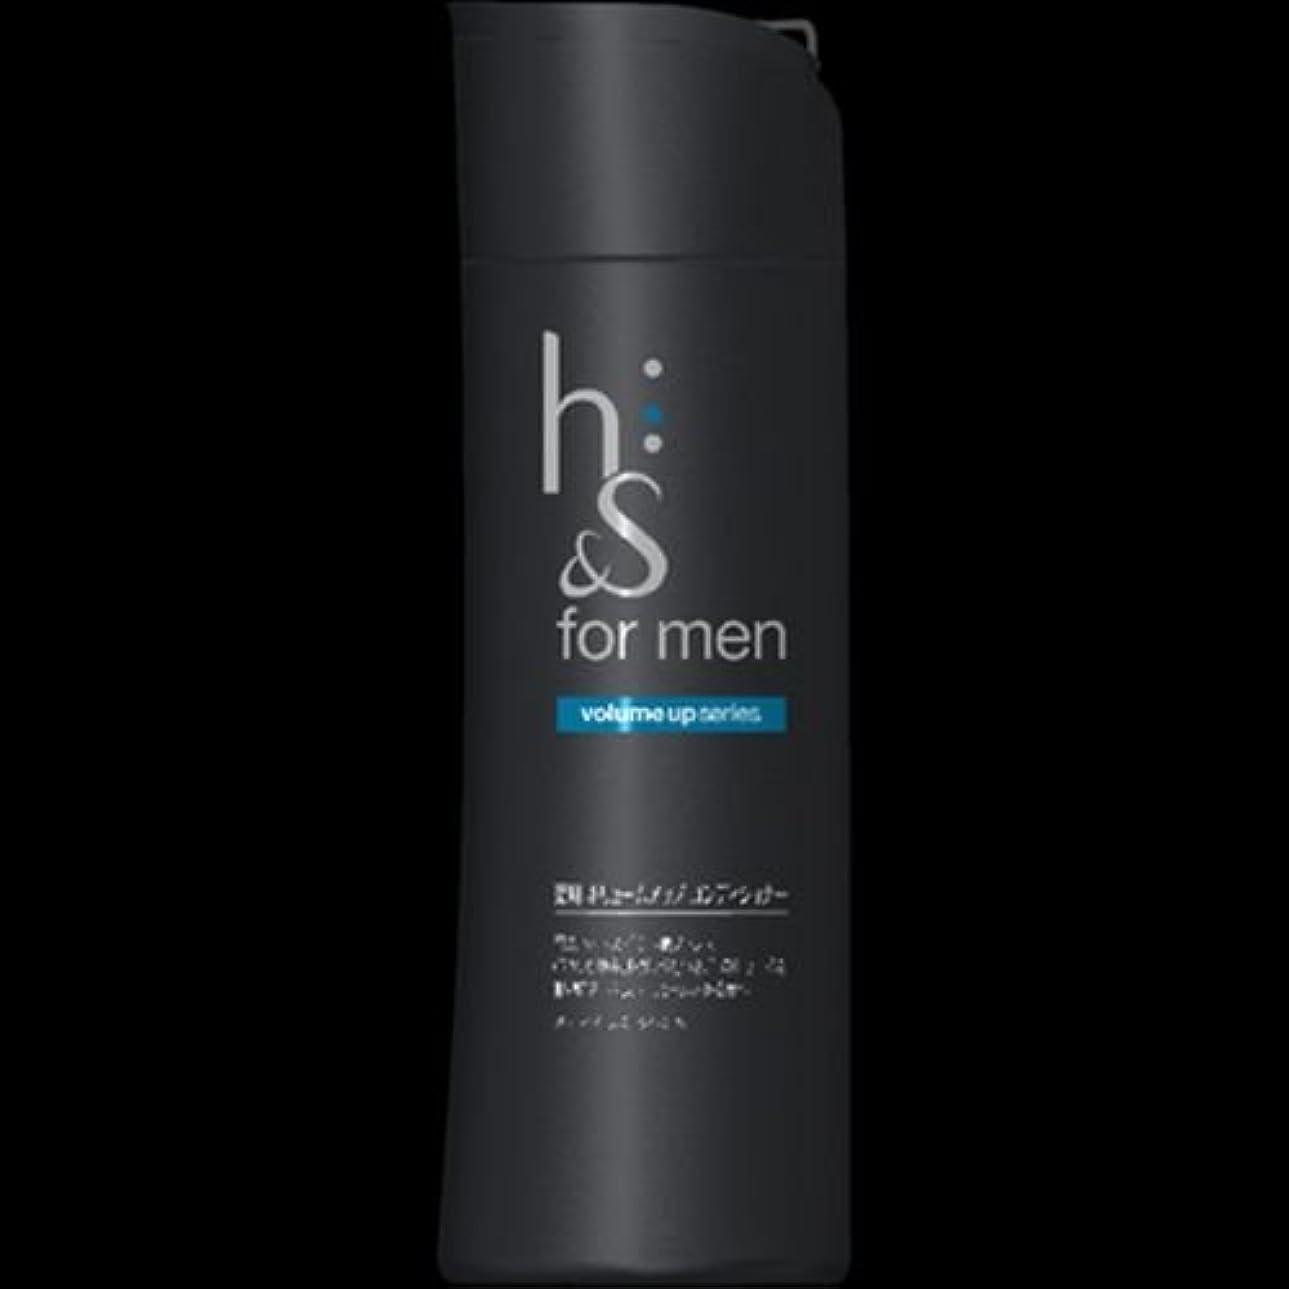 ネコ果てしない連鎖【まとめ買い】h&s for men ボリュームアップコンディショナー 200g ×2セット